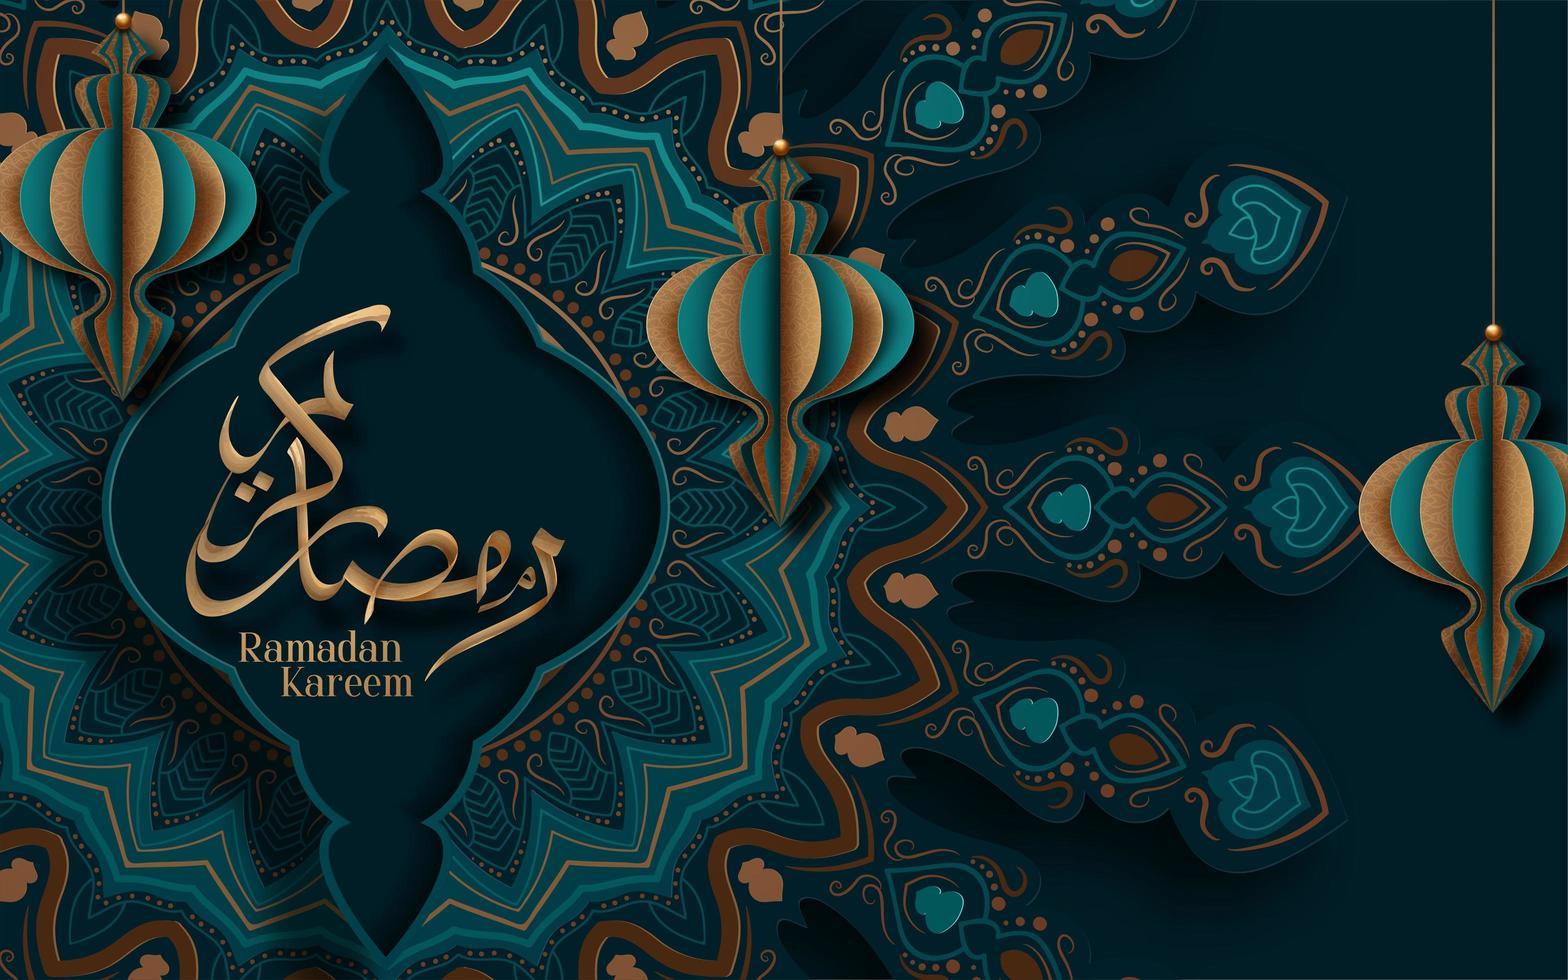 verzierter Ramadan Kareem Gruß mit hängenden Papierlaternen 3d vektor